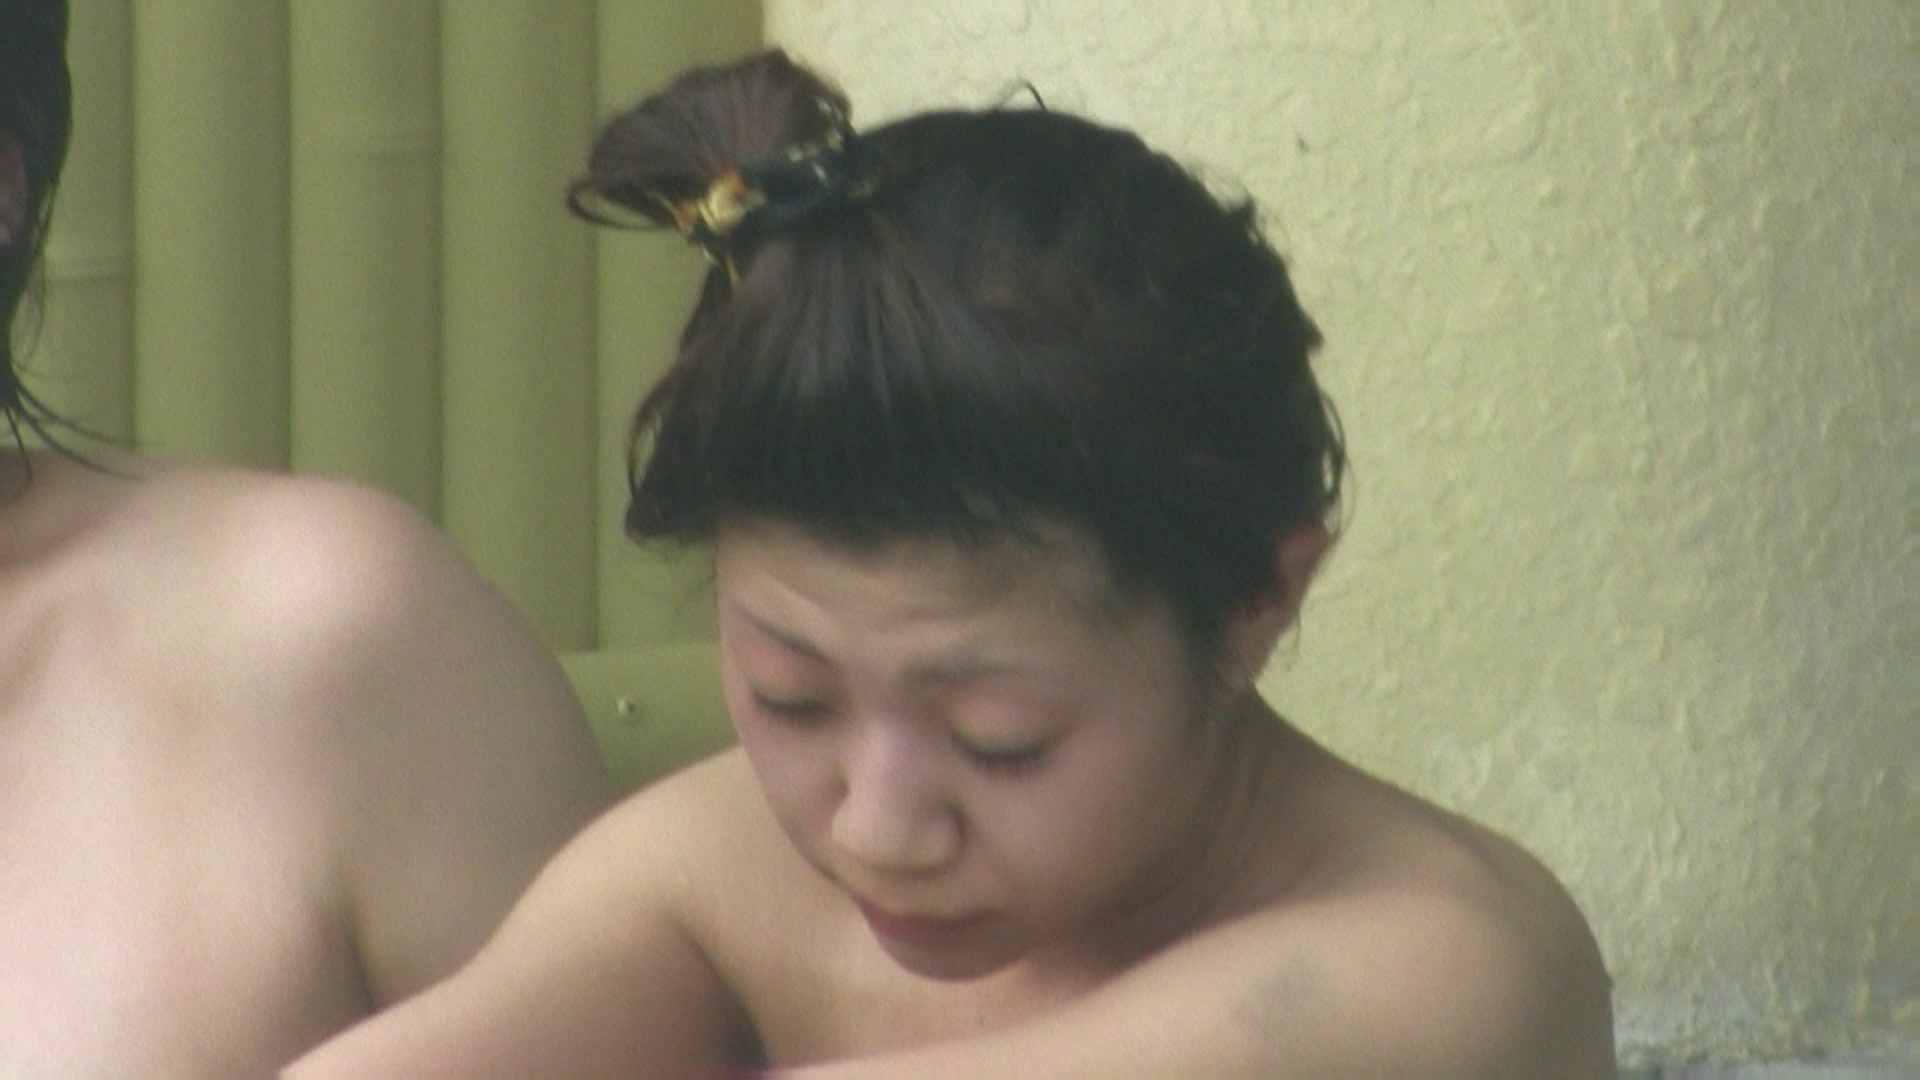 高画質露天女風呂観察 vol.044 OLエロ画像 のぞき動画画像 45PICs 23